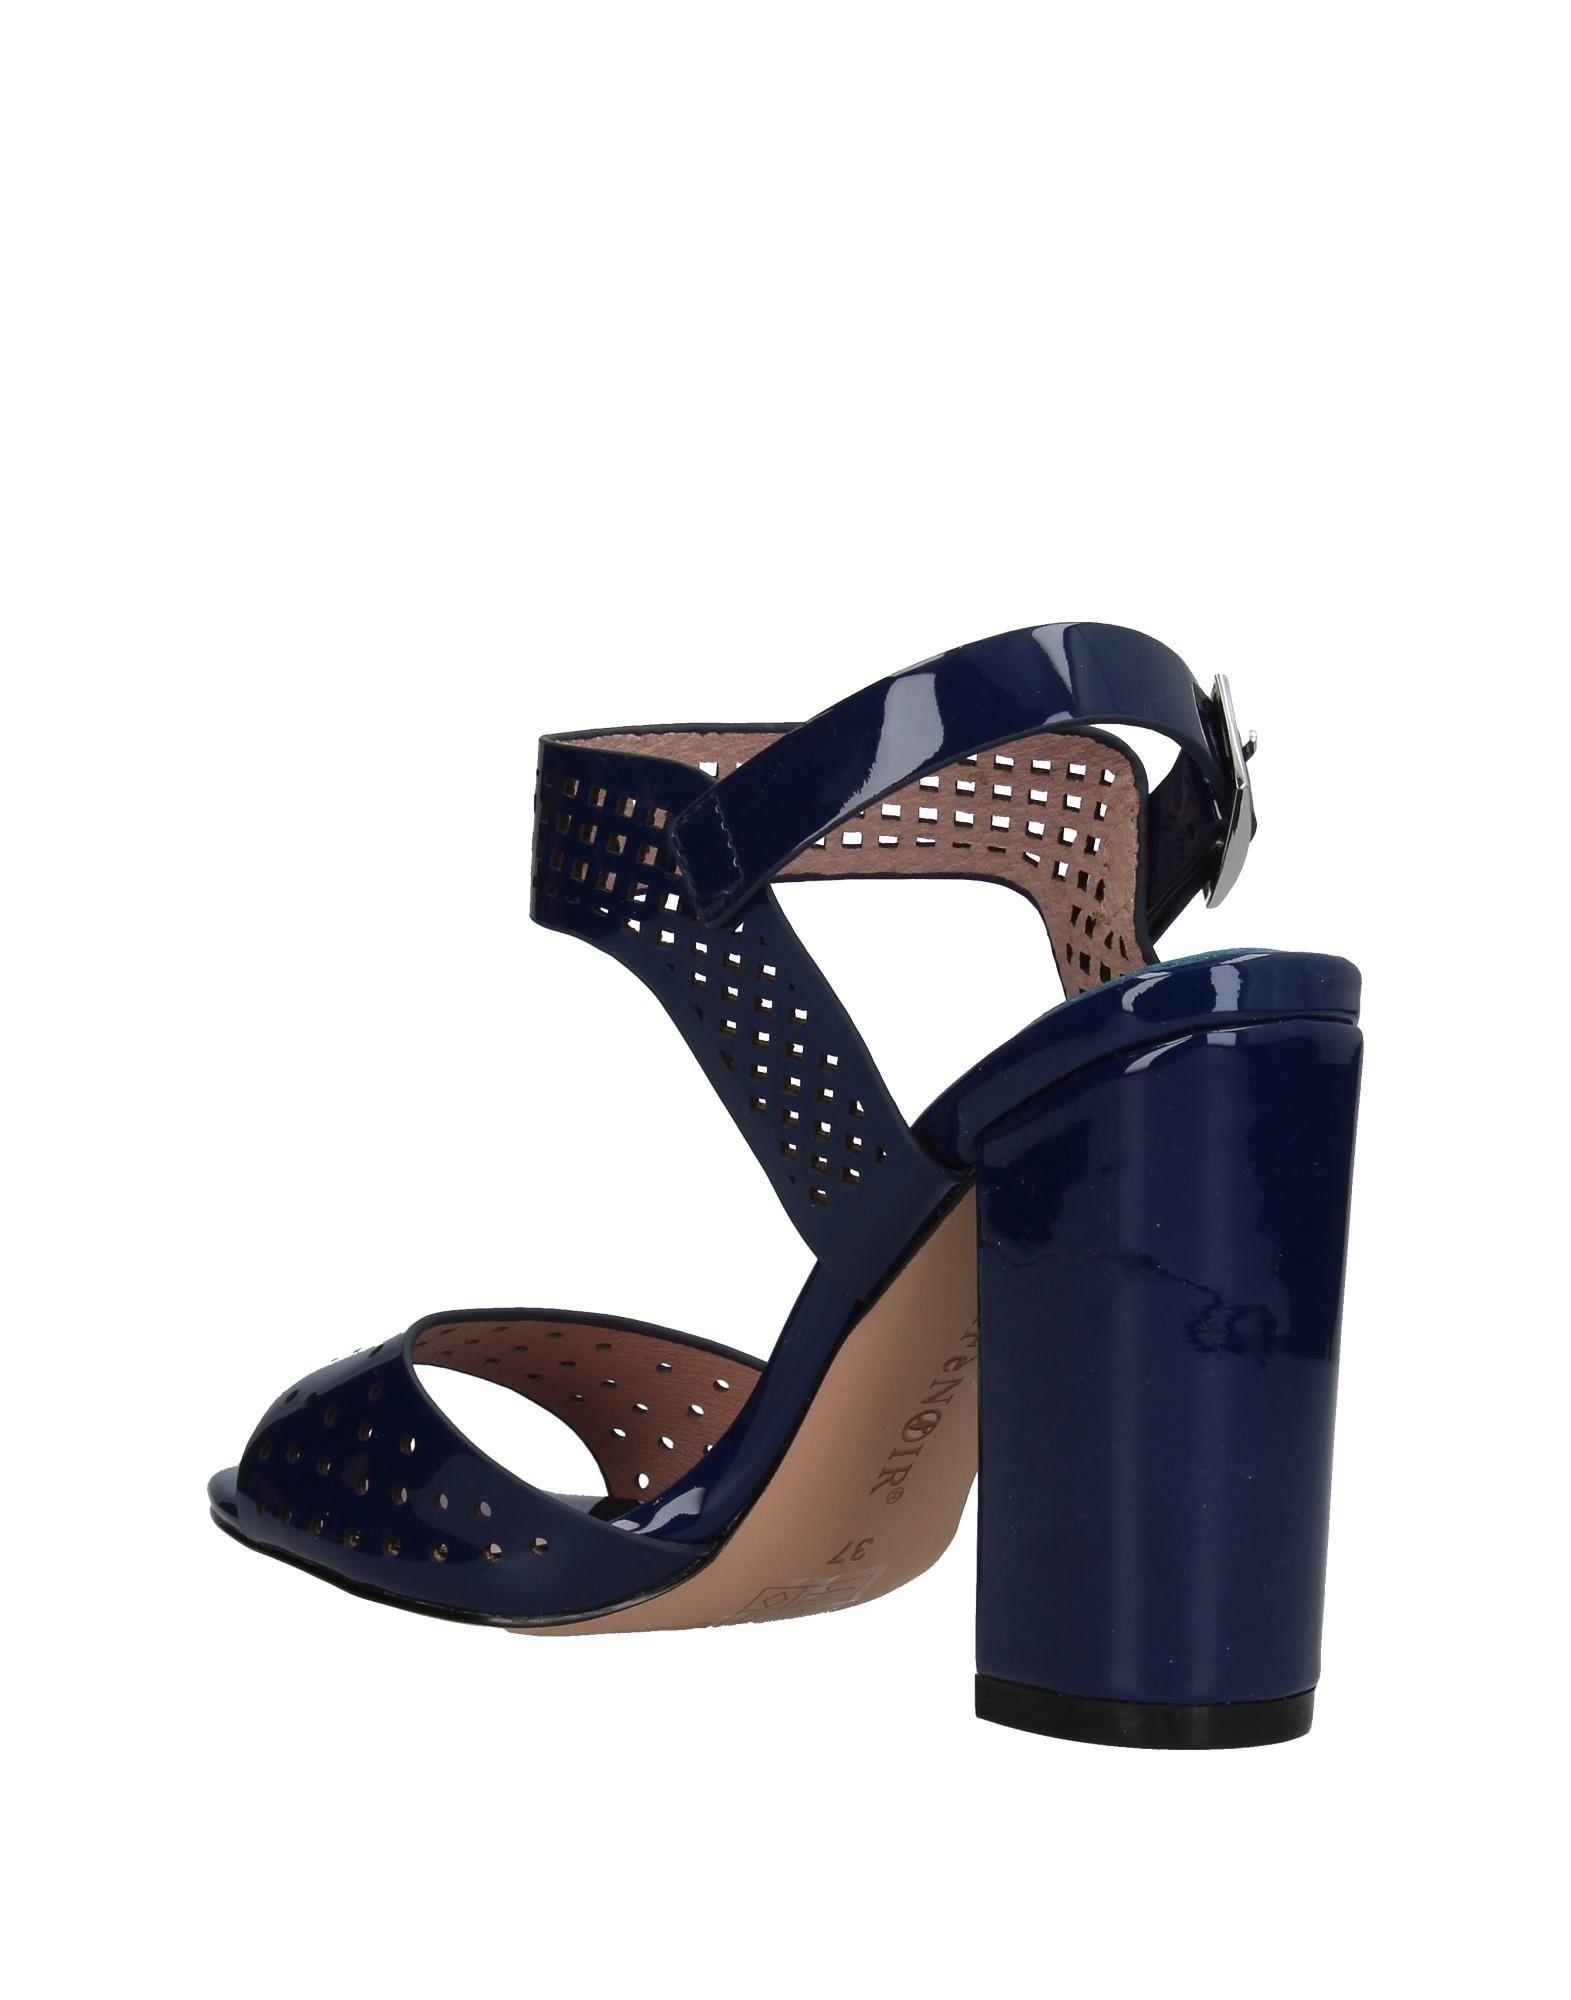 Cafènoir Sandalen Damen   Damen 11376604VP Gute Qualität beliebte Schuhe 193564